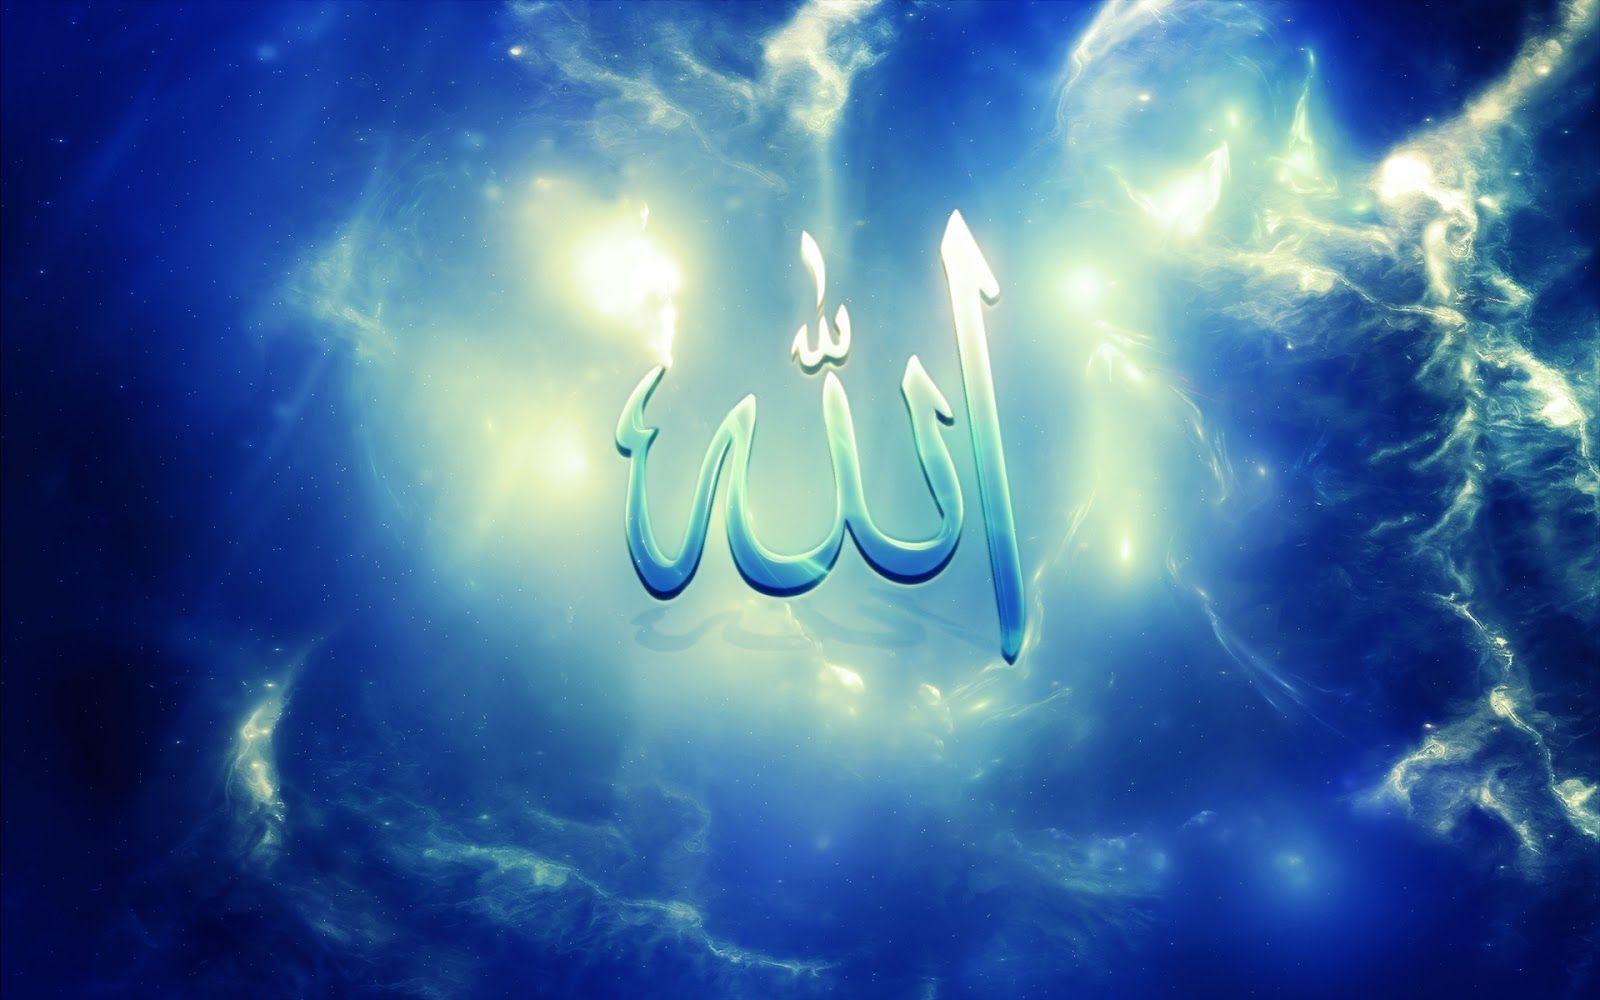 Allah Wallpaper 3d Allah Wallpaper Name Wallpaper Islamic Wallpaper